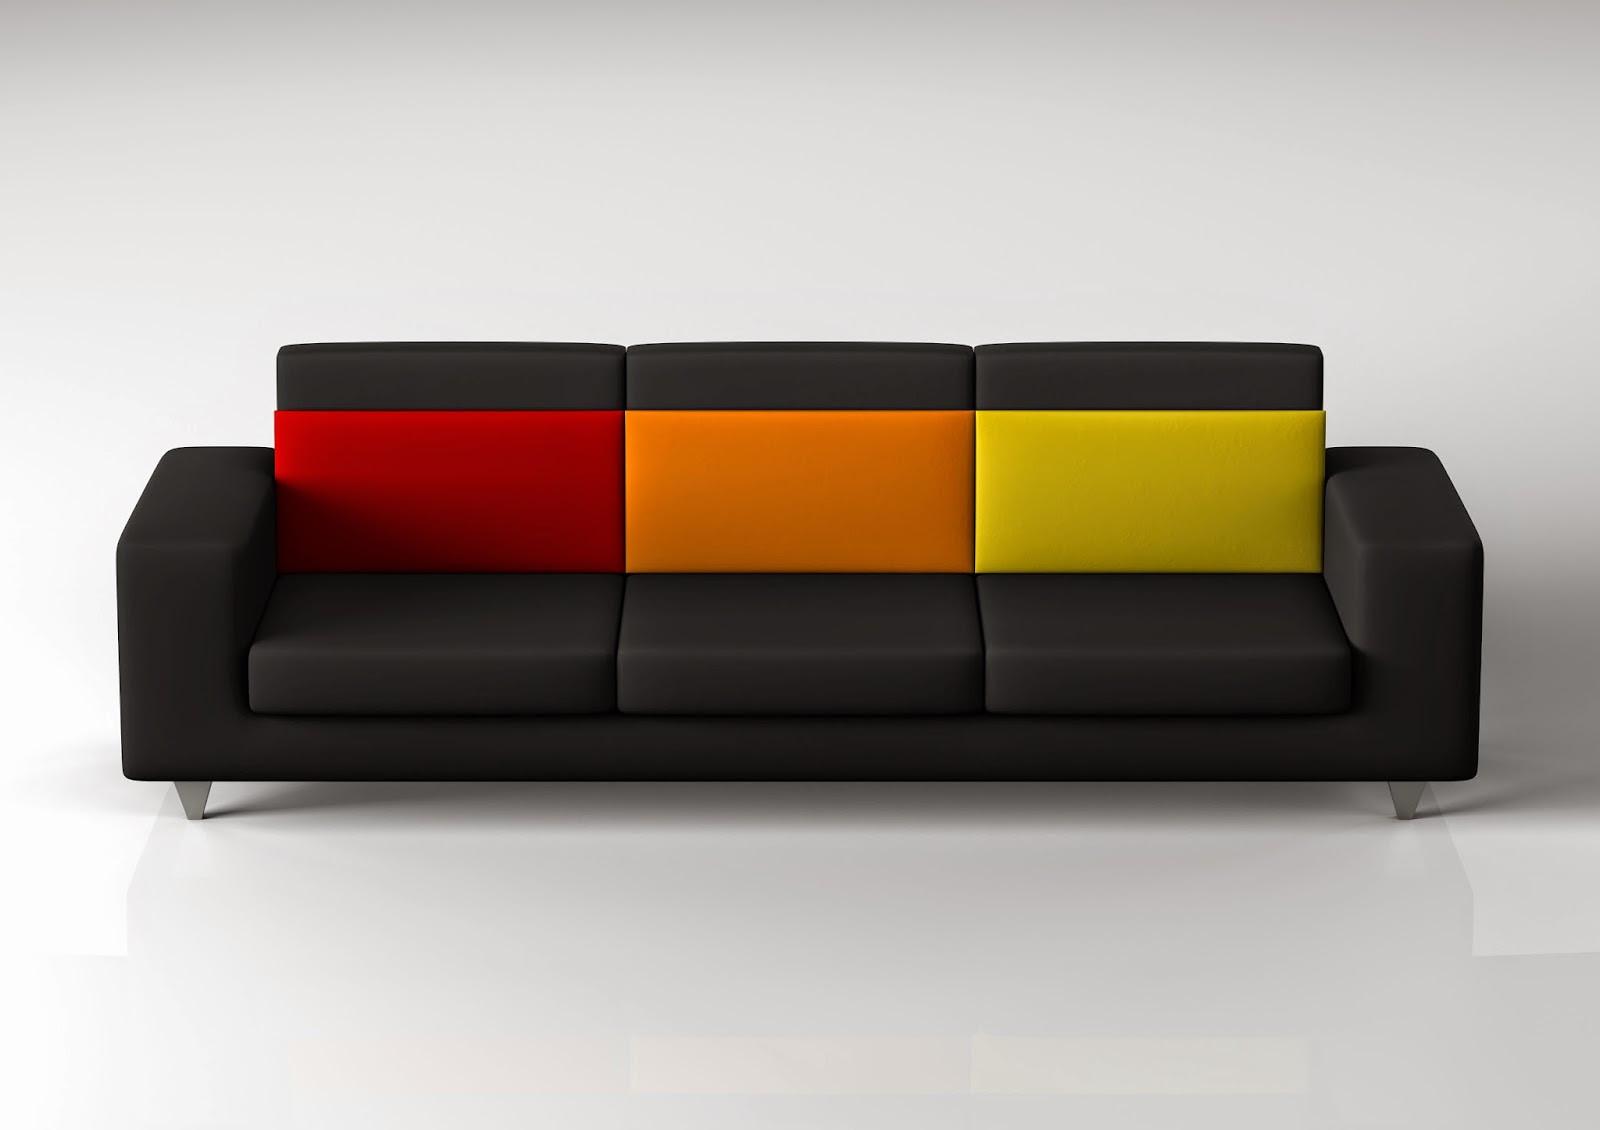 Canapés Convertibles Ikea Nouveau Galerie S 3 Design Mobilier Design Pas Cherml 2017 12